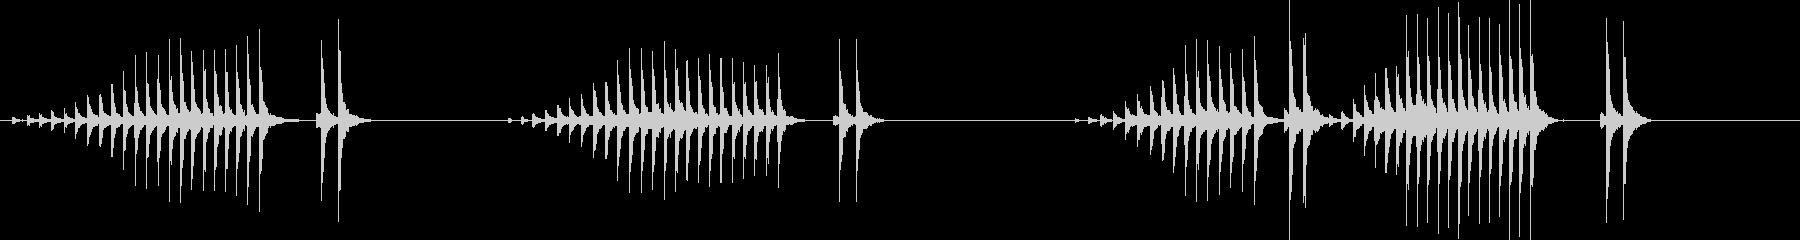 大太鼓20波音歌舞伎情景描写和風和太鼓江の未再生の波形